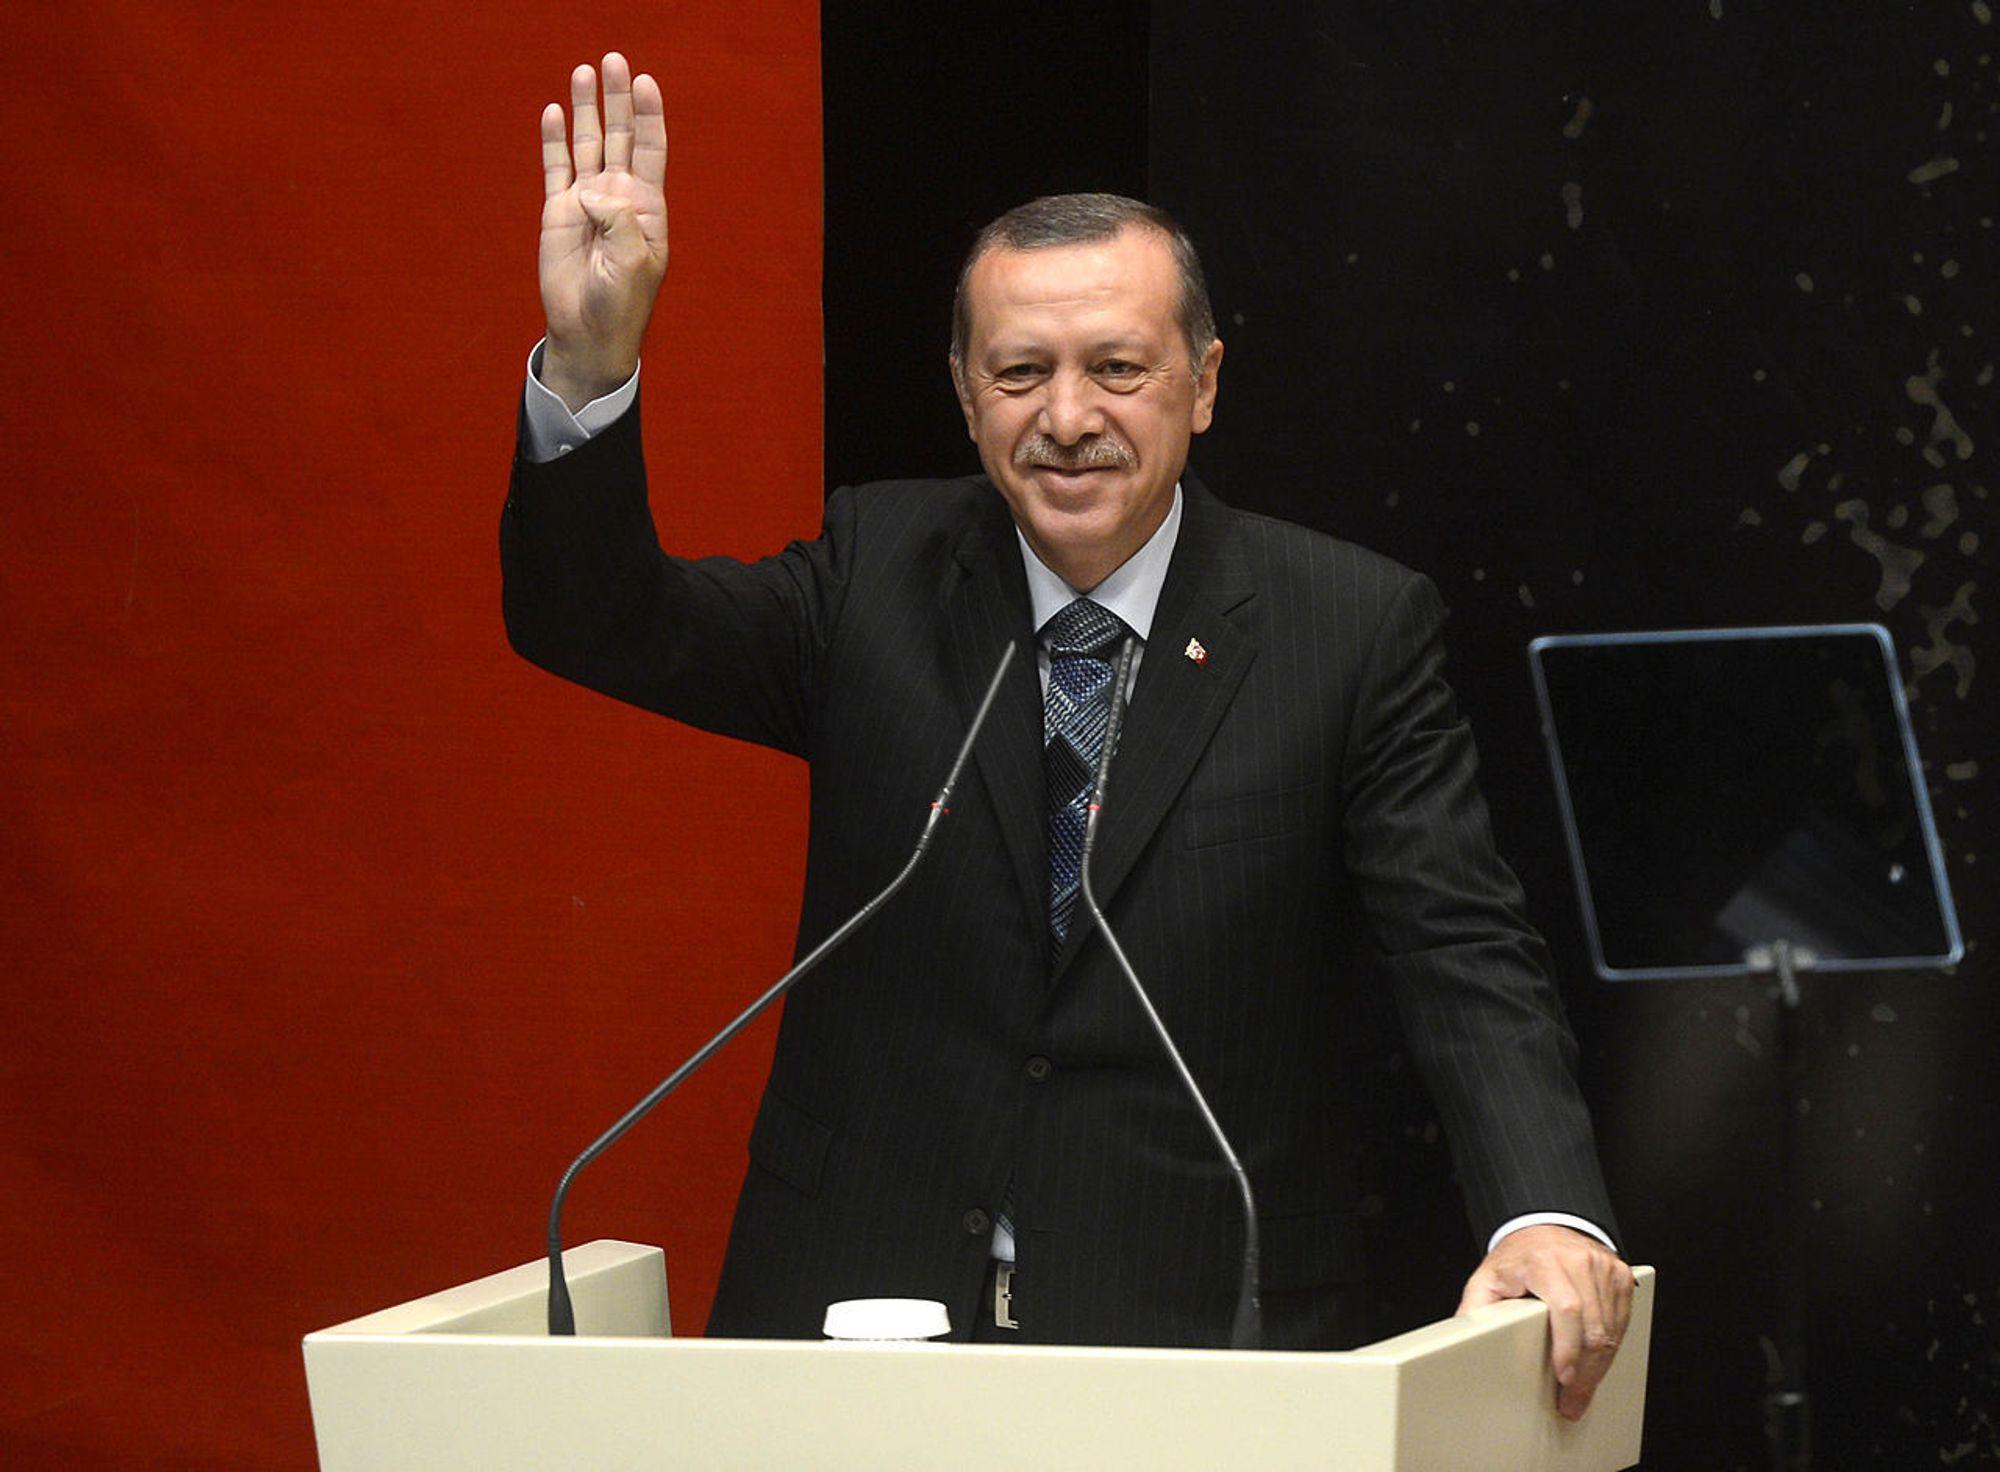 Tyrkia er under president Recep Erdogan de seneste åra blitt et stadig verre land for journalister.